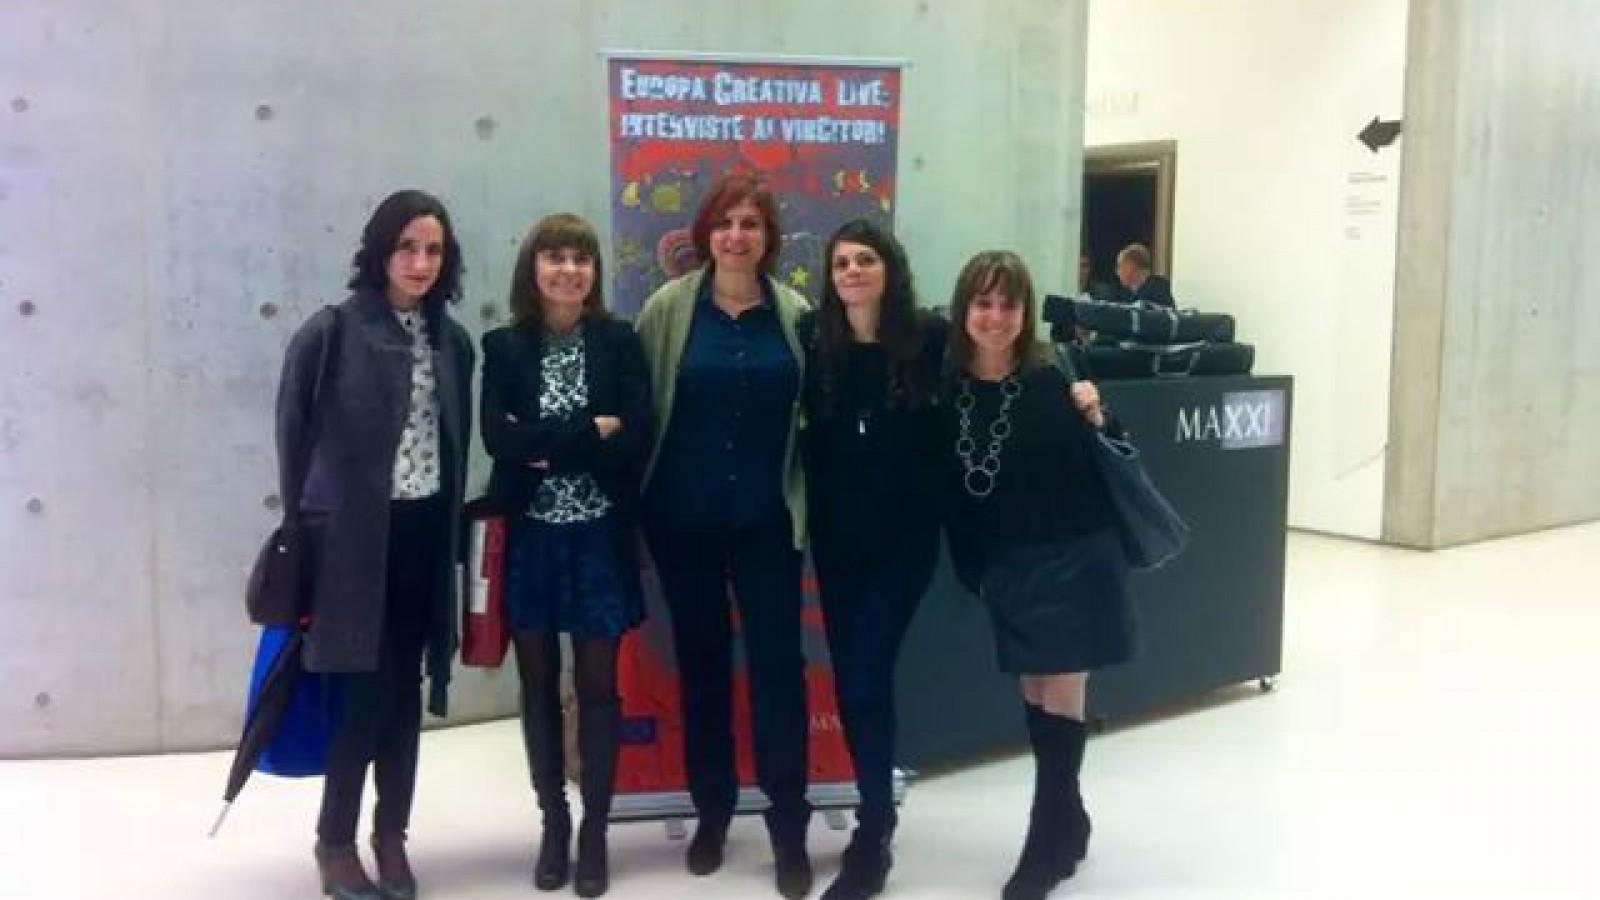 Emilia, Marika and Caterina with the Creative Europe Desk Italia staff.